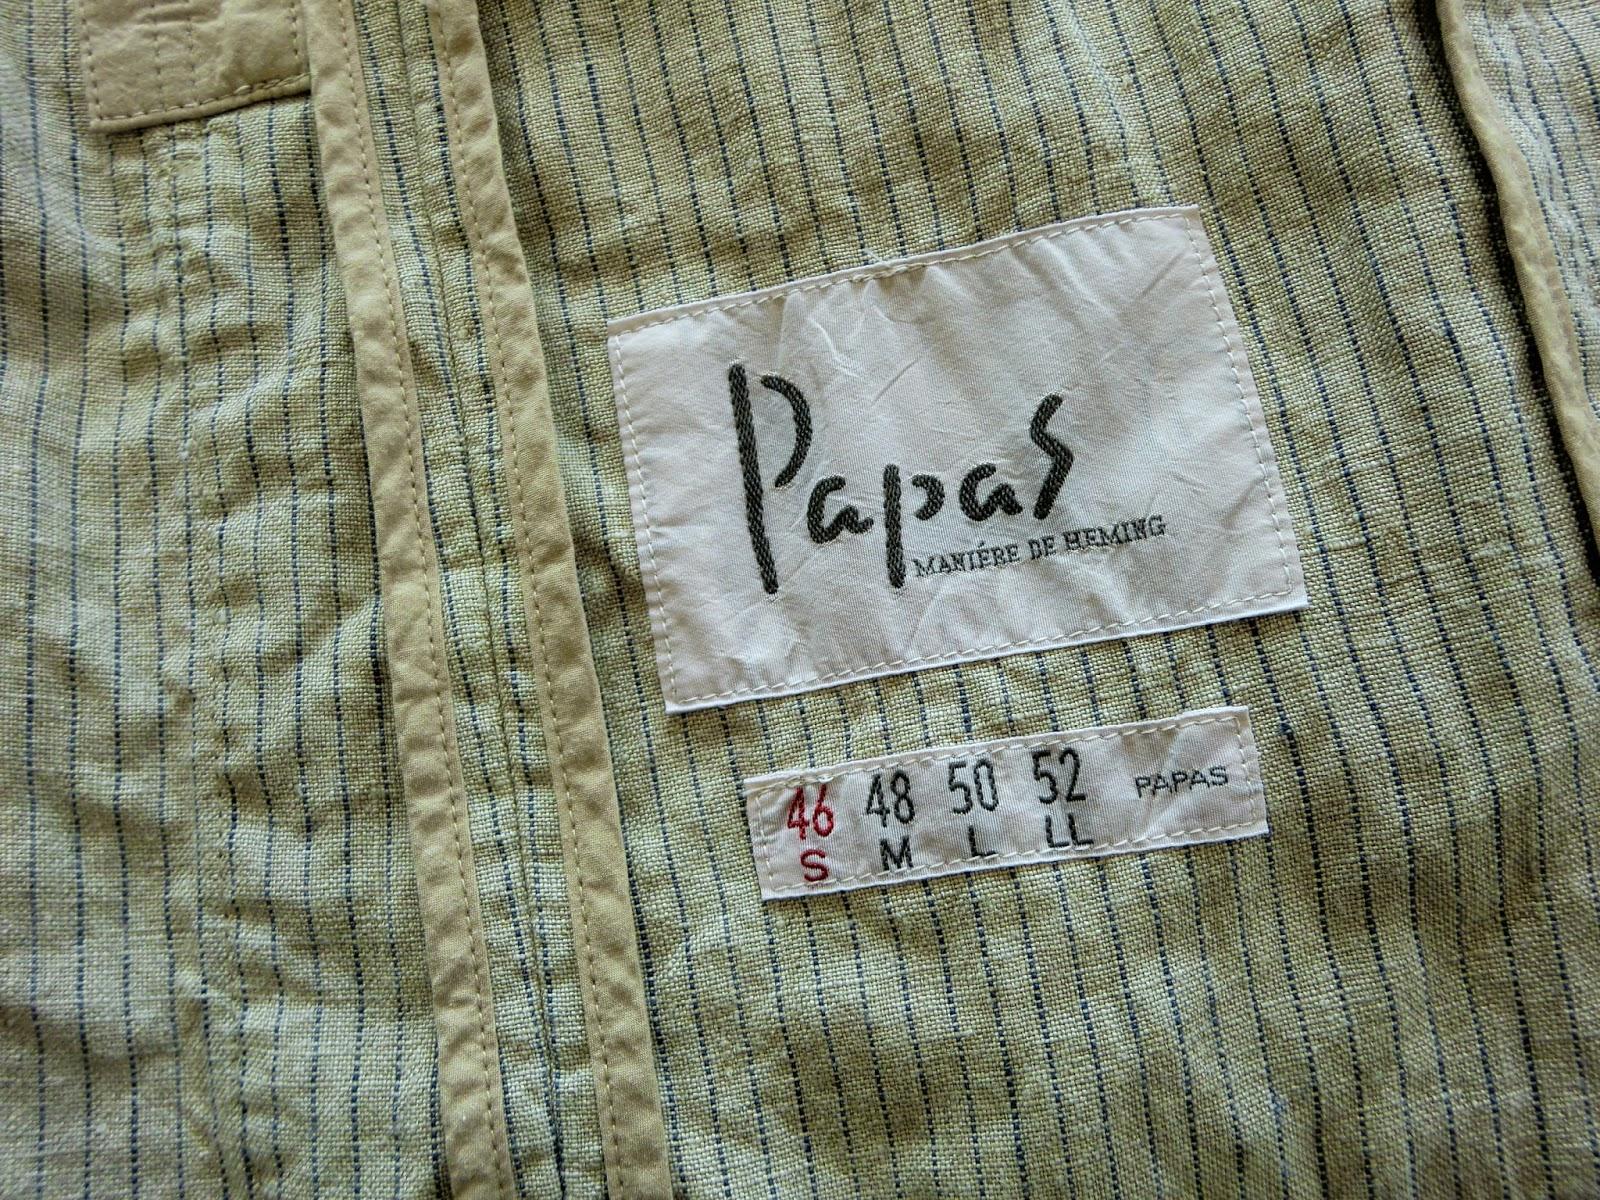 Papasパパスジャケット ボールペンインクのしみ抜き写真 金沢市でしみぬきの上手いクリーニング店